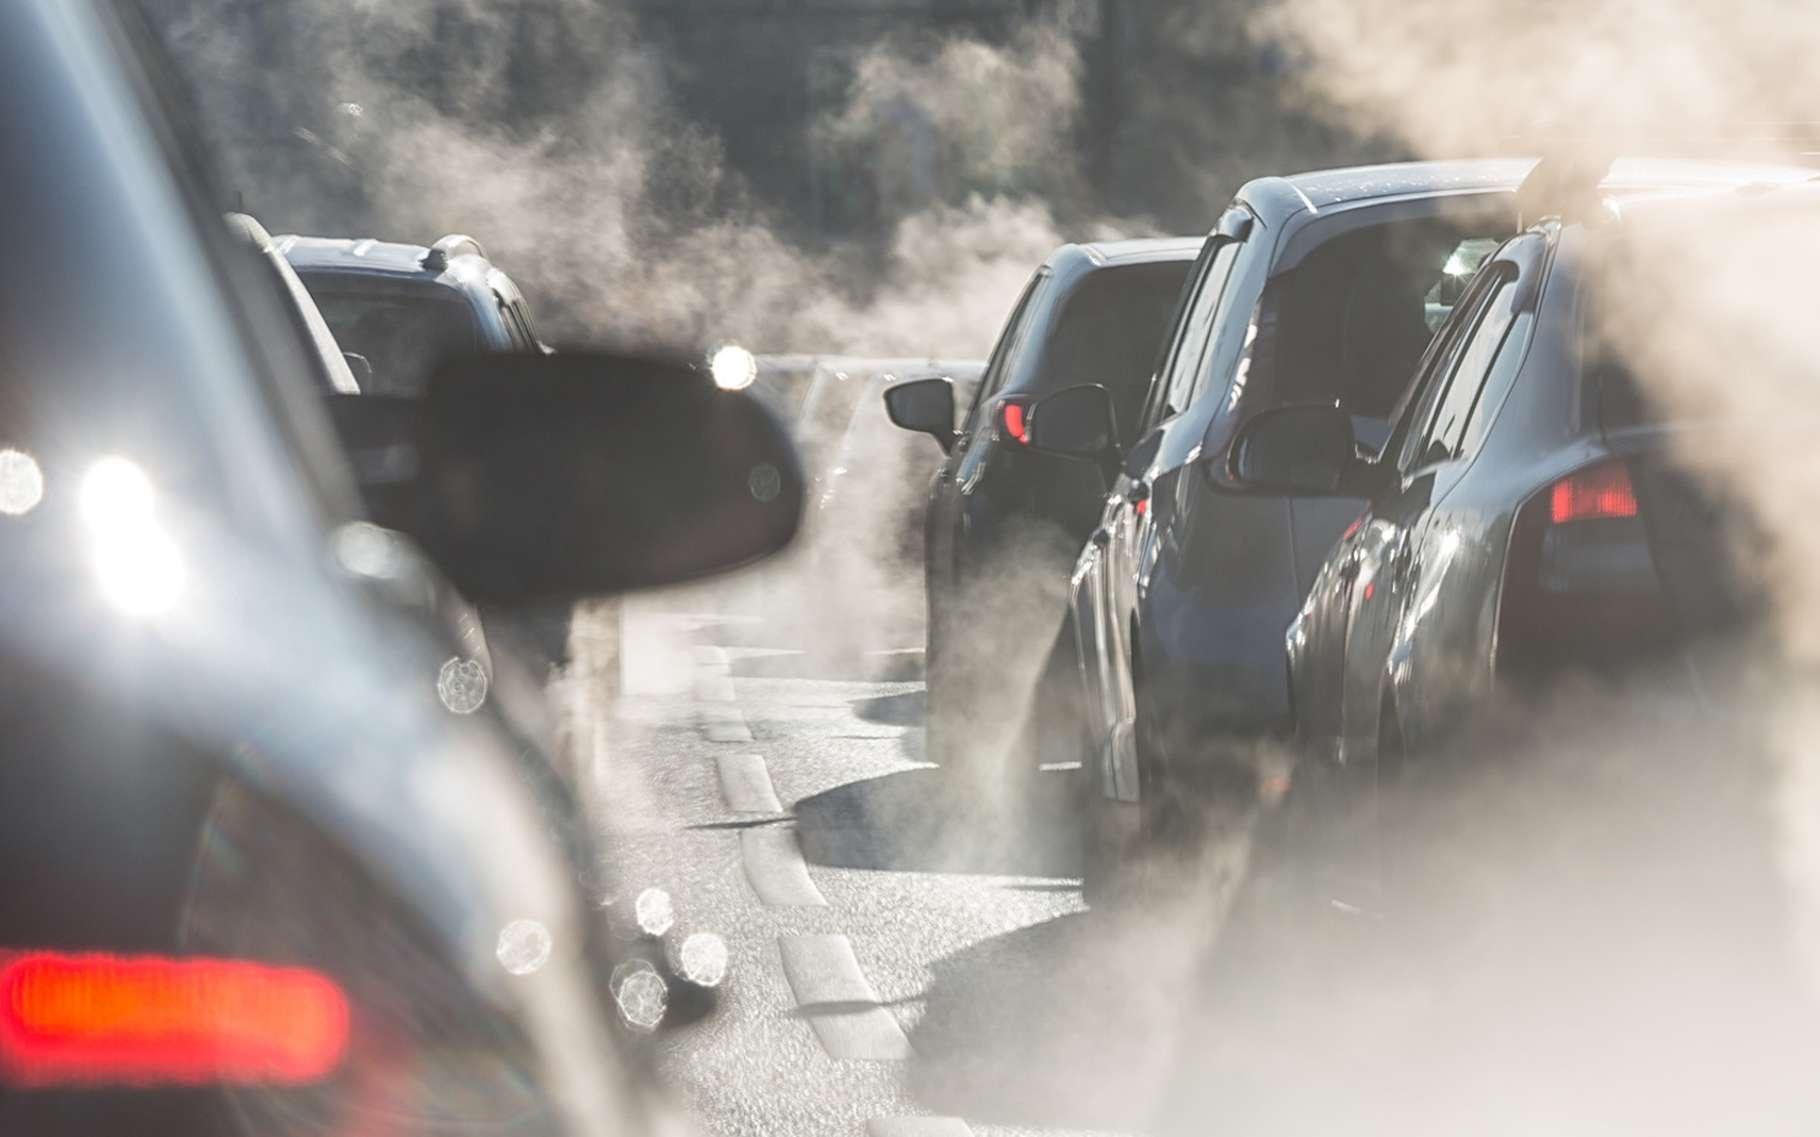 Afin de réduire la pollution automobile, les pouvoirs publics prennent de plus en plus régulièrement des mesures de réduction de vitesse. © elcovalana, Fotolia